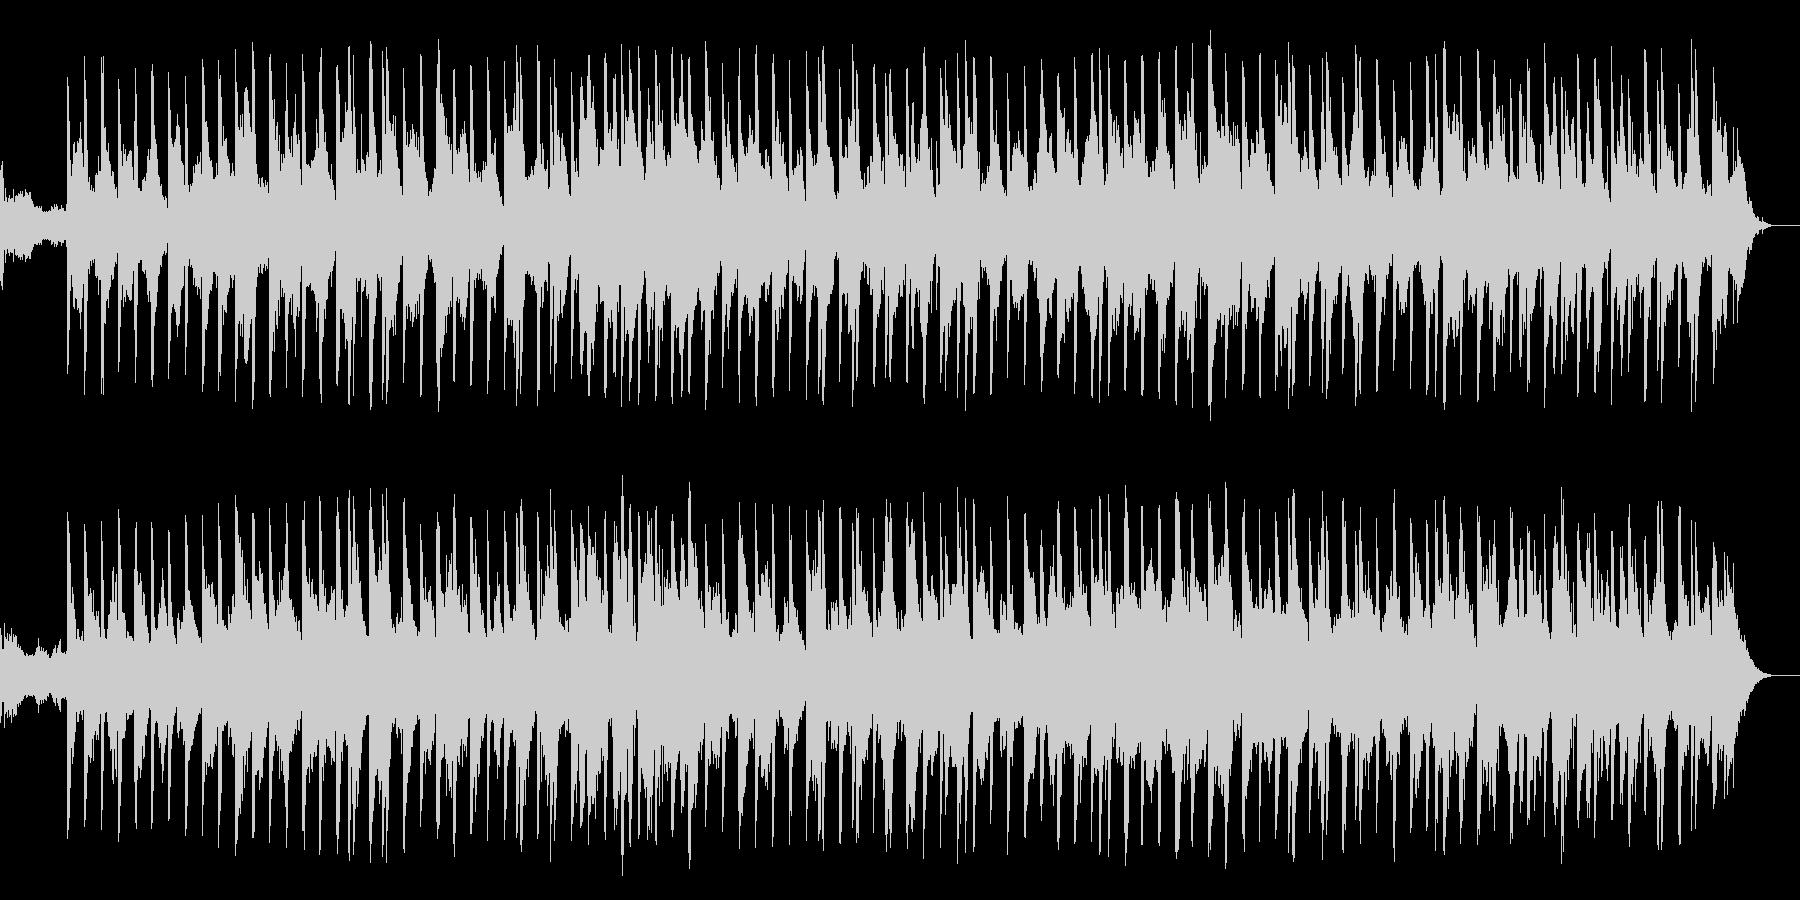 リラックス 催眠 不思議 CM 情報の未再生の波形